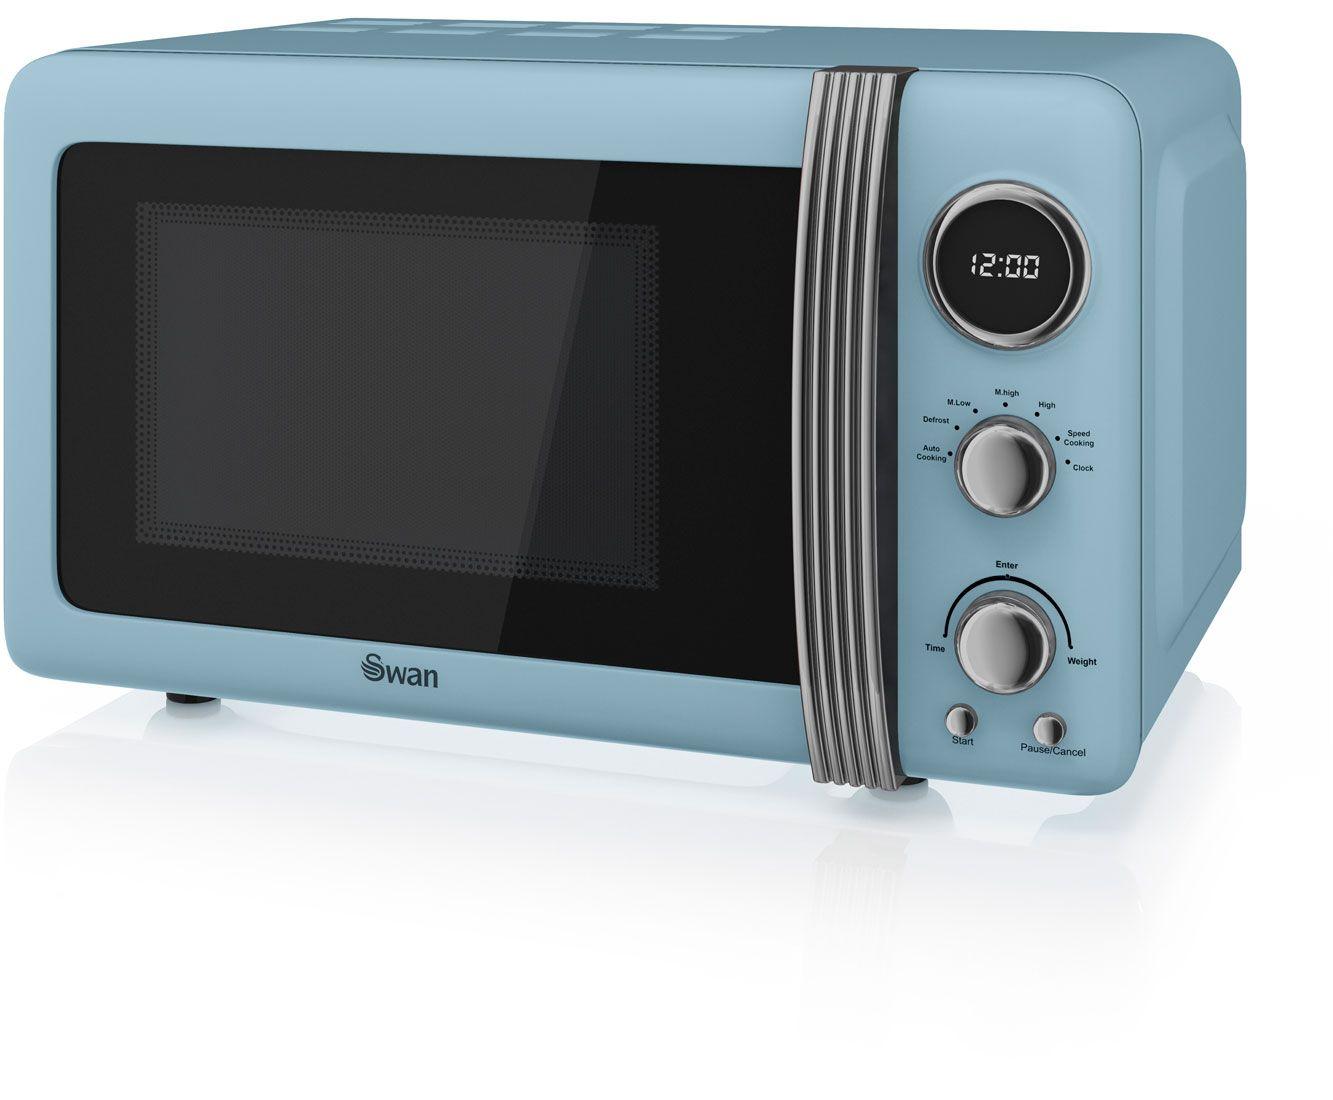 Swan Retro SM22030BLN 20 Litre Microwave - Blue | idées cuisine ...